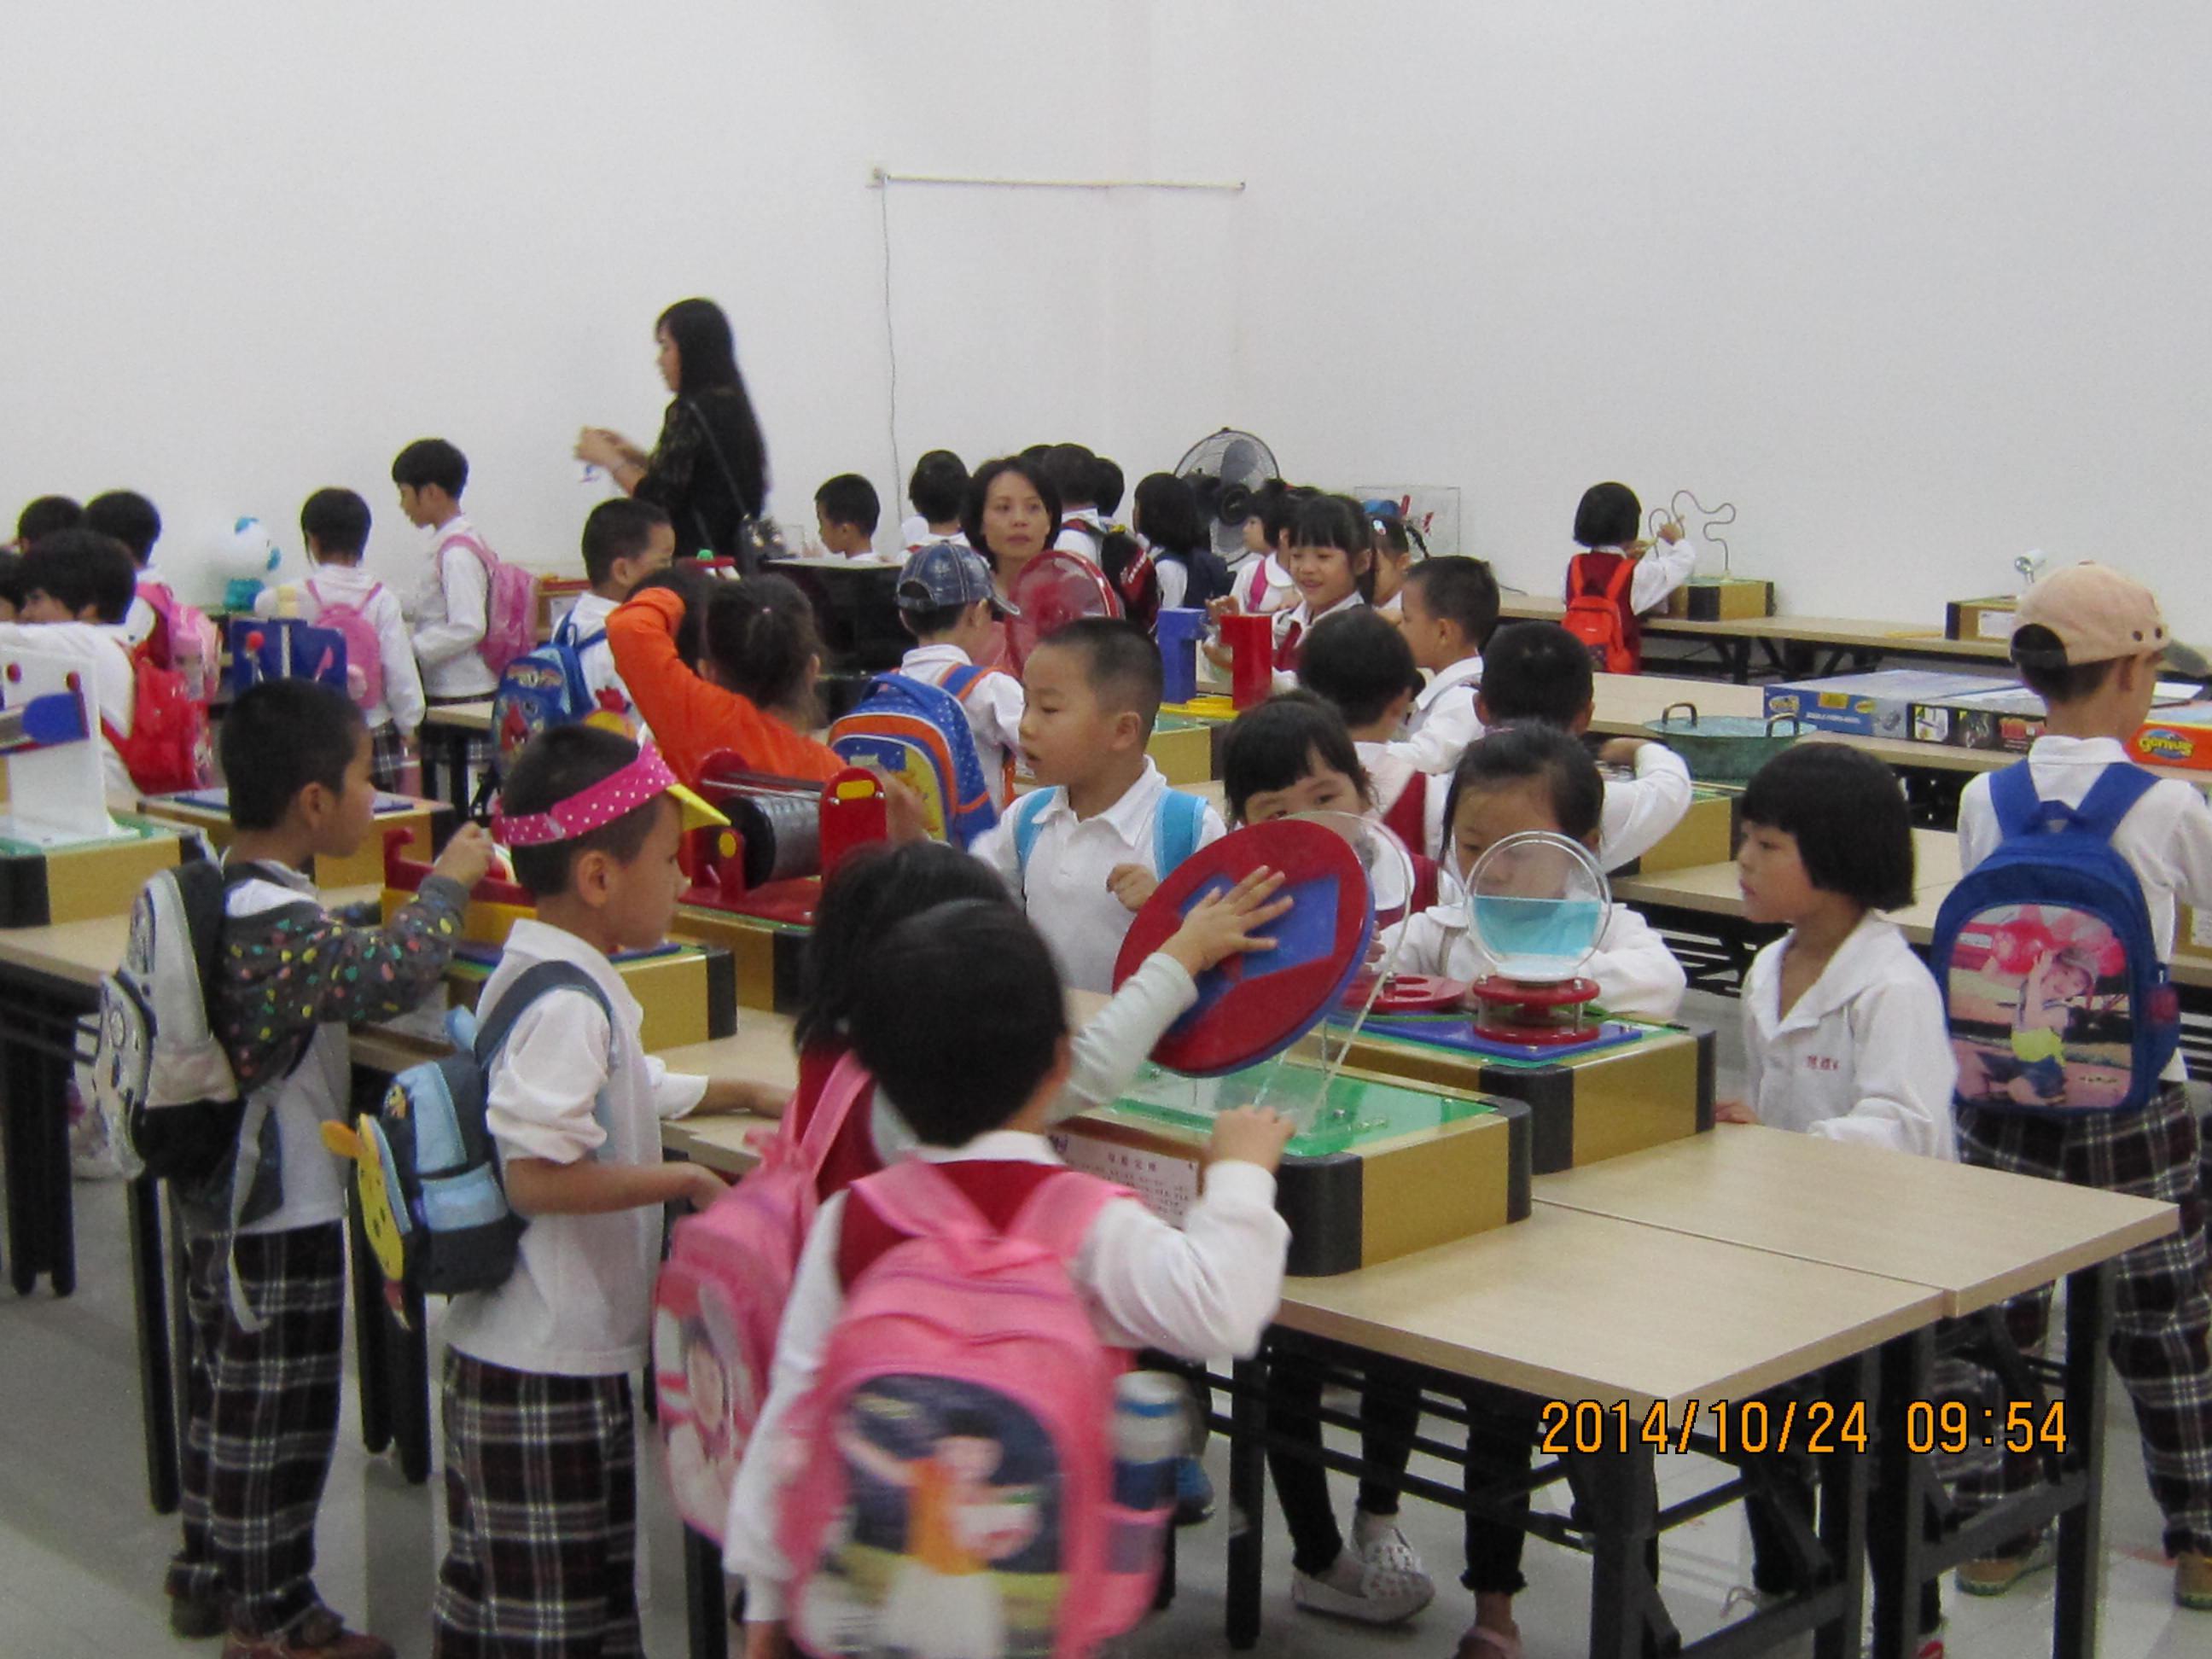 惠安县妇联与县实验幼儿园联合开展快乐亲子游活动